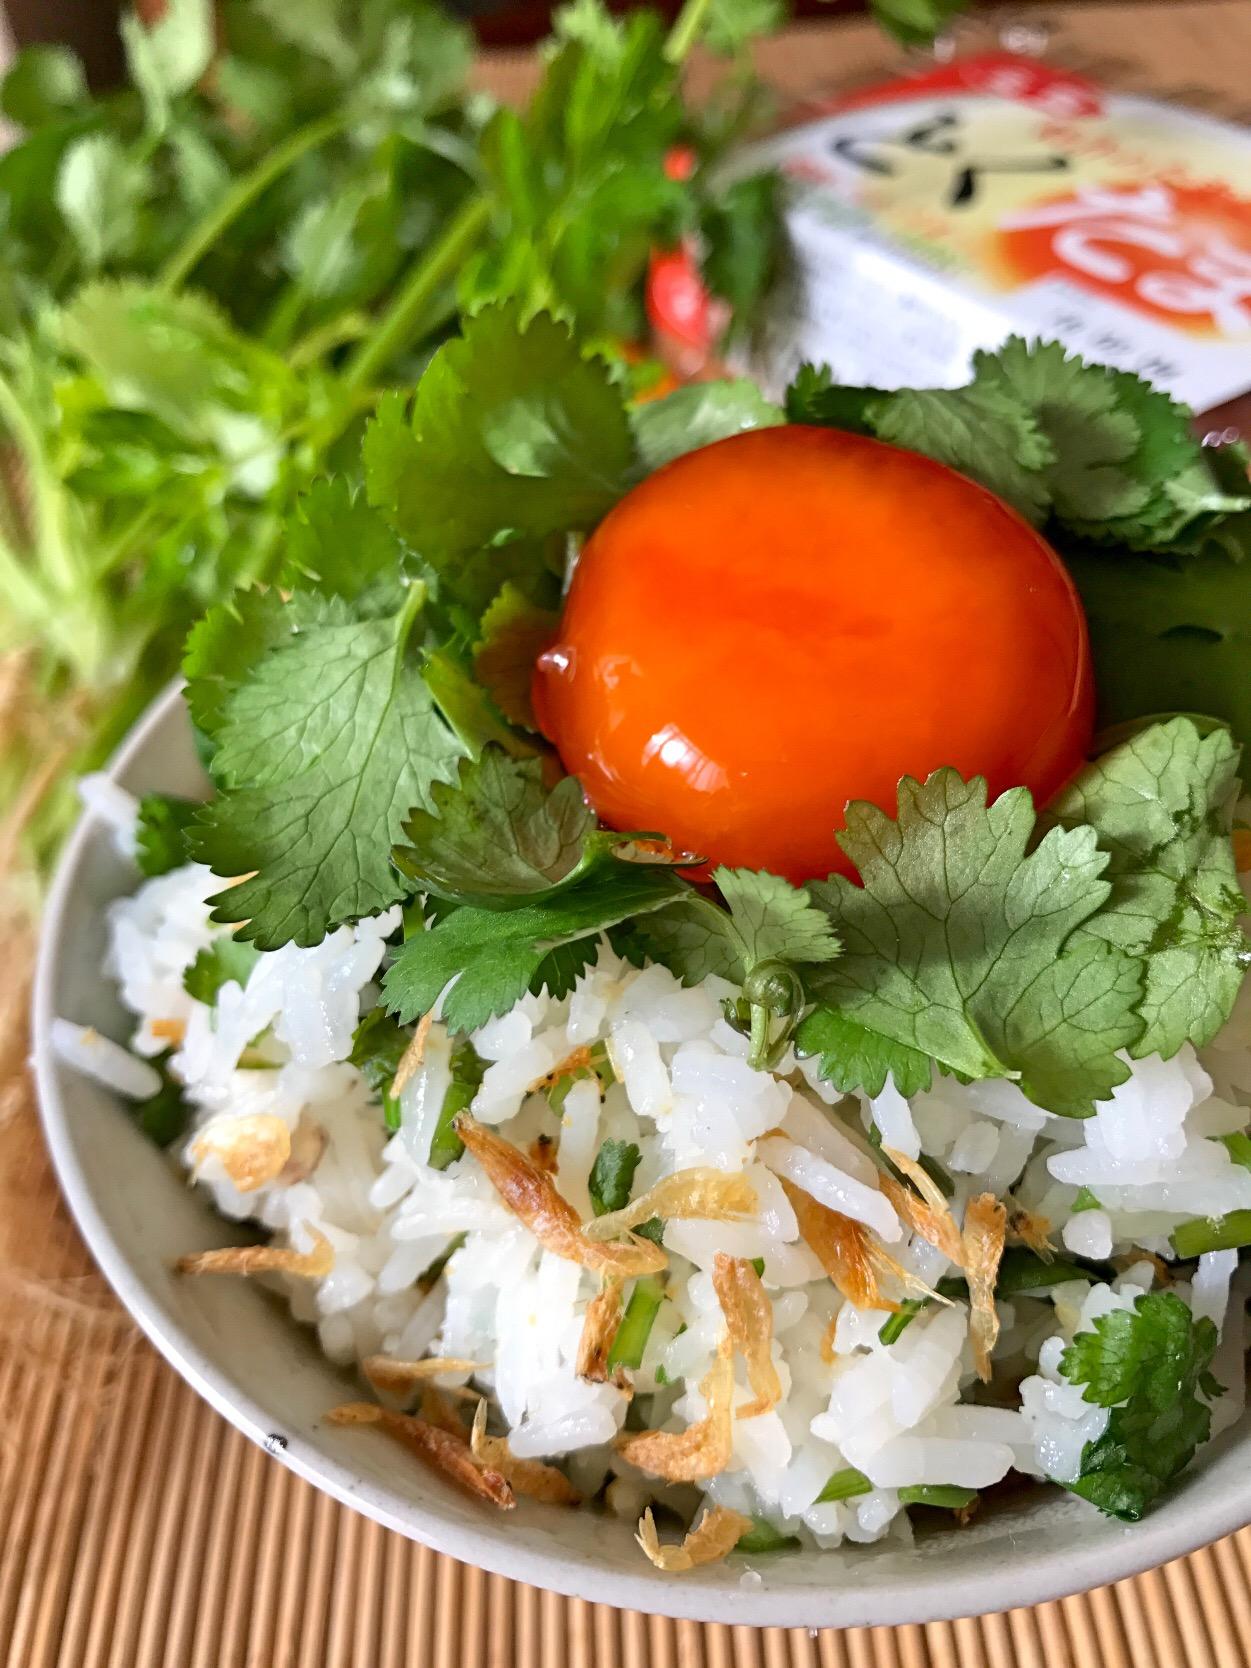 タイ風TKG🇹🇭(パクチー菜飯、生たまご、黄身のナンプラー漬け)